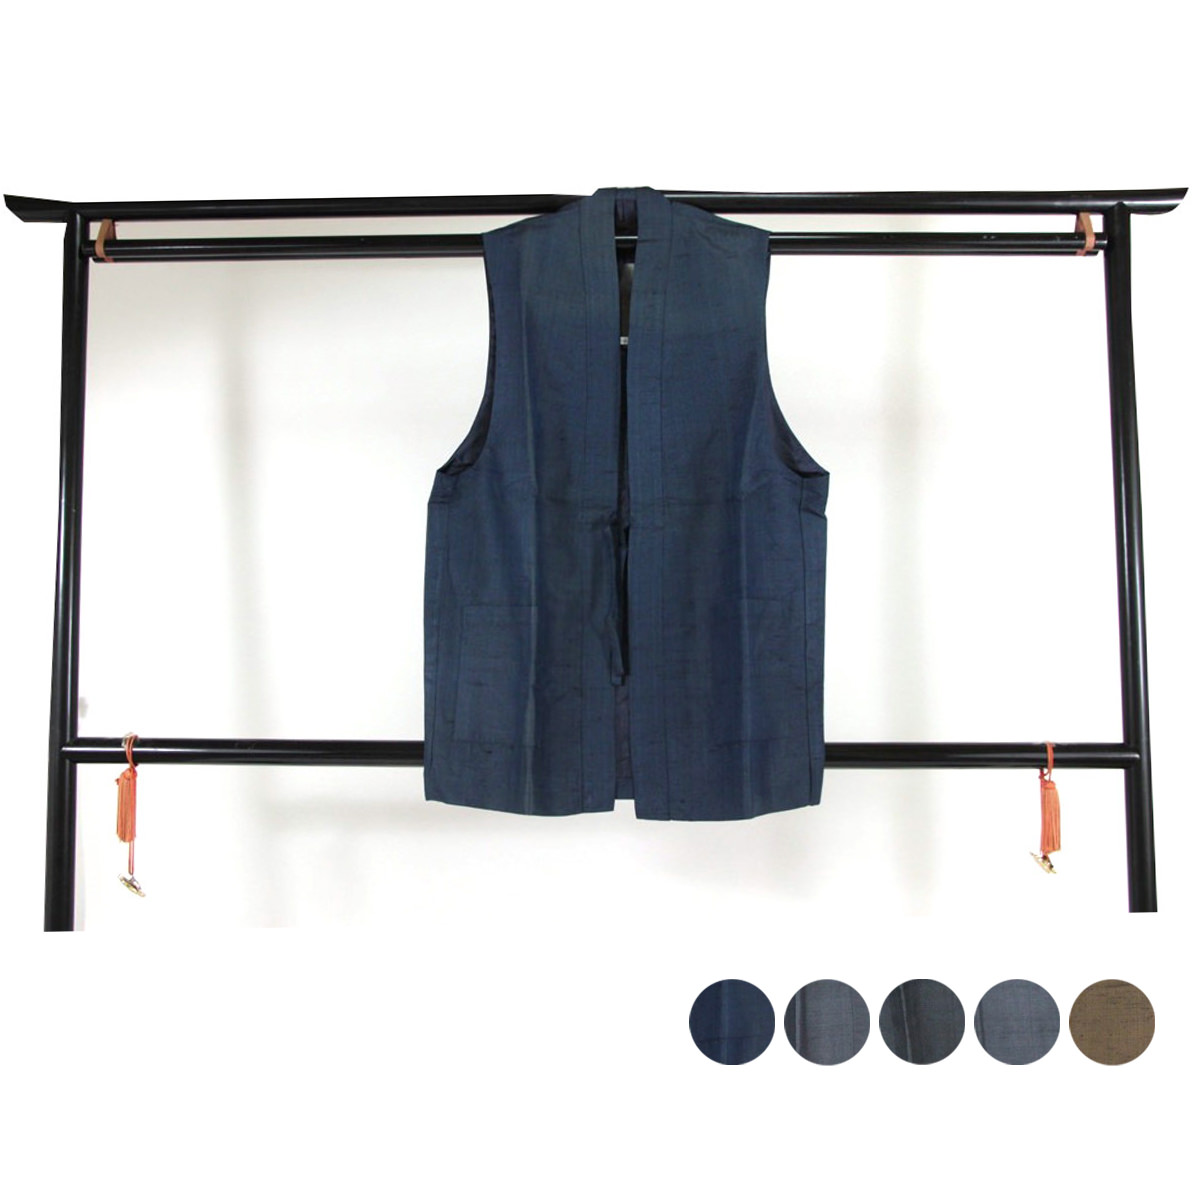 訳あり 正絹 袖なし 男物 羽織 袷 仕立て上り品 メンズ 紳士物 絹100% 男性用 紳士物 着物 きもの はおり メール便不可